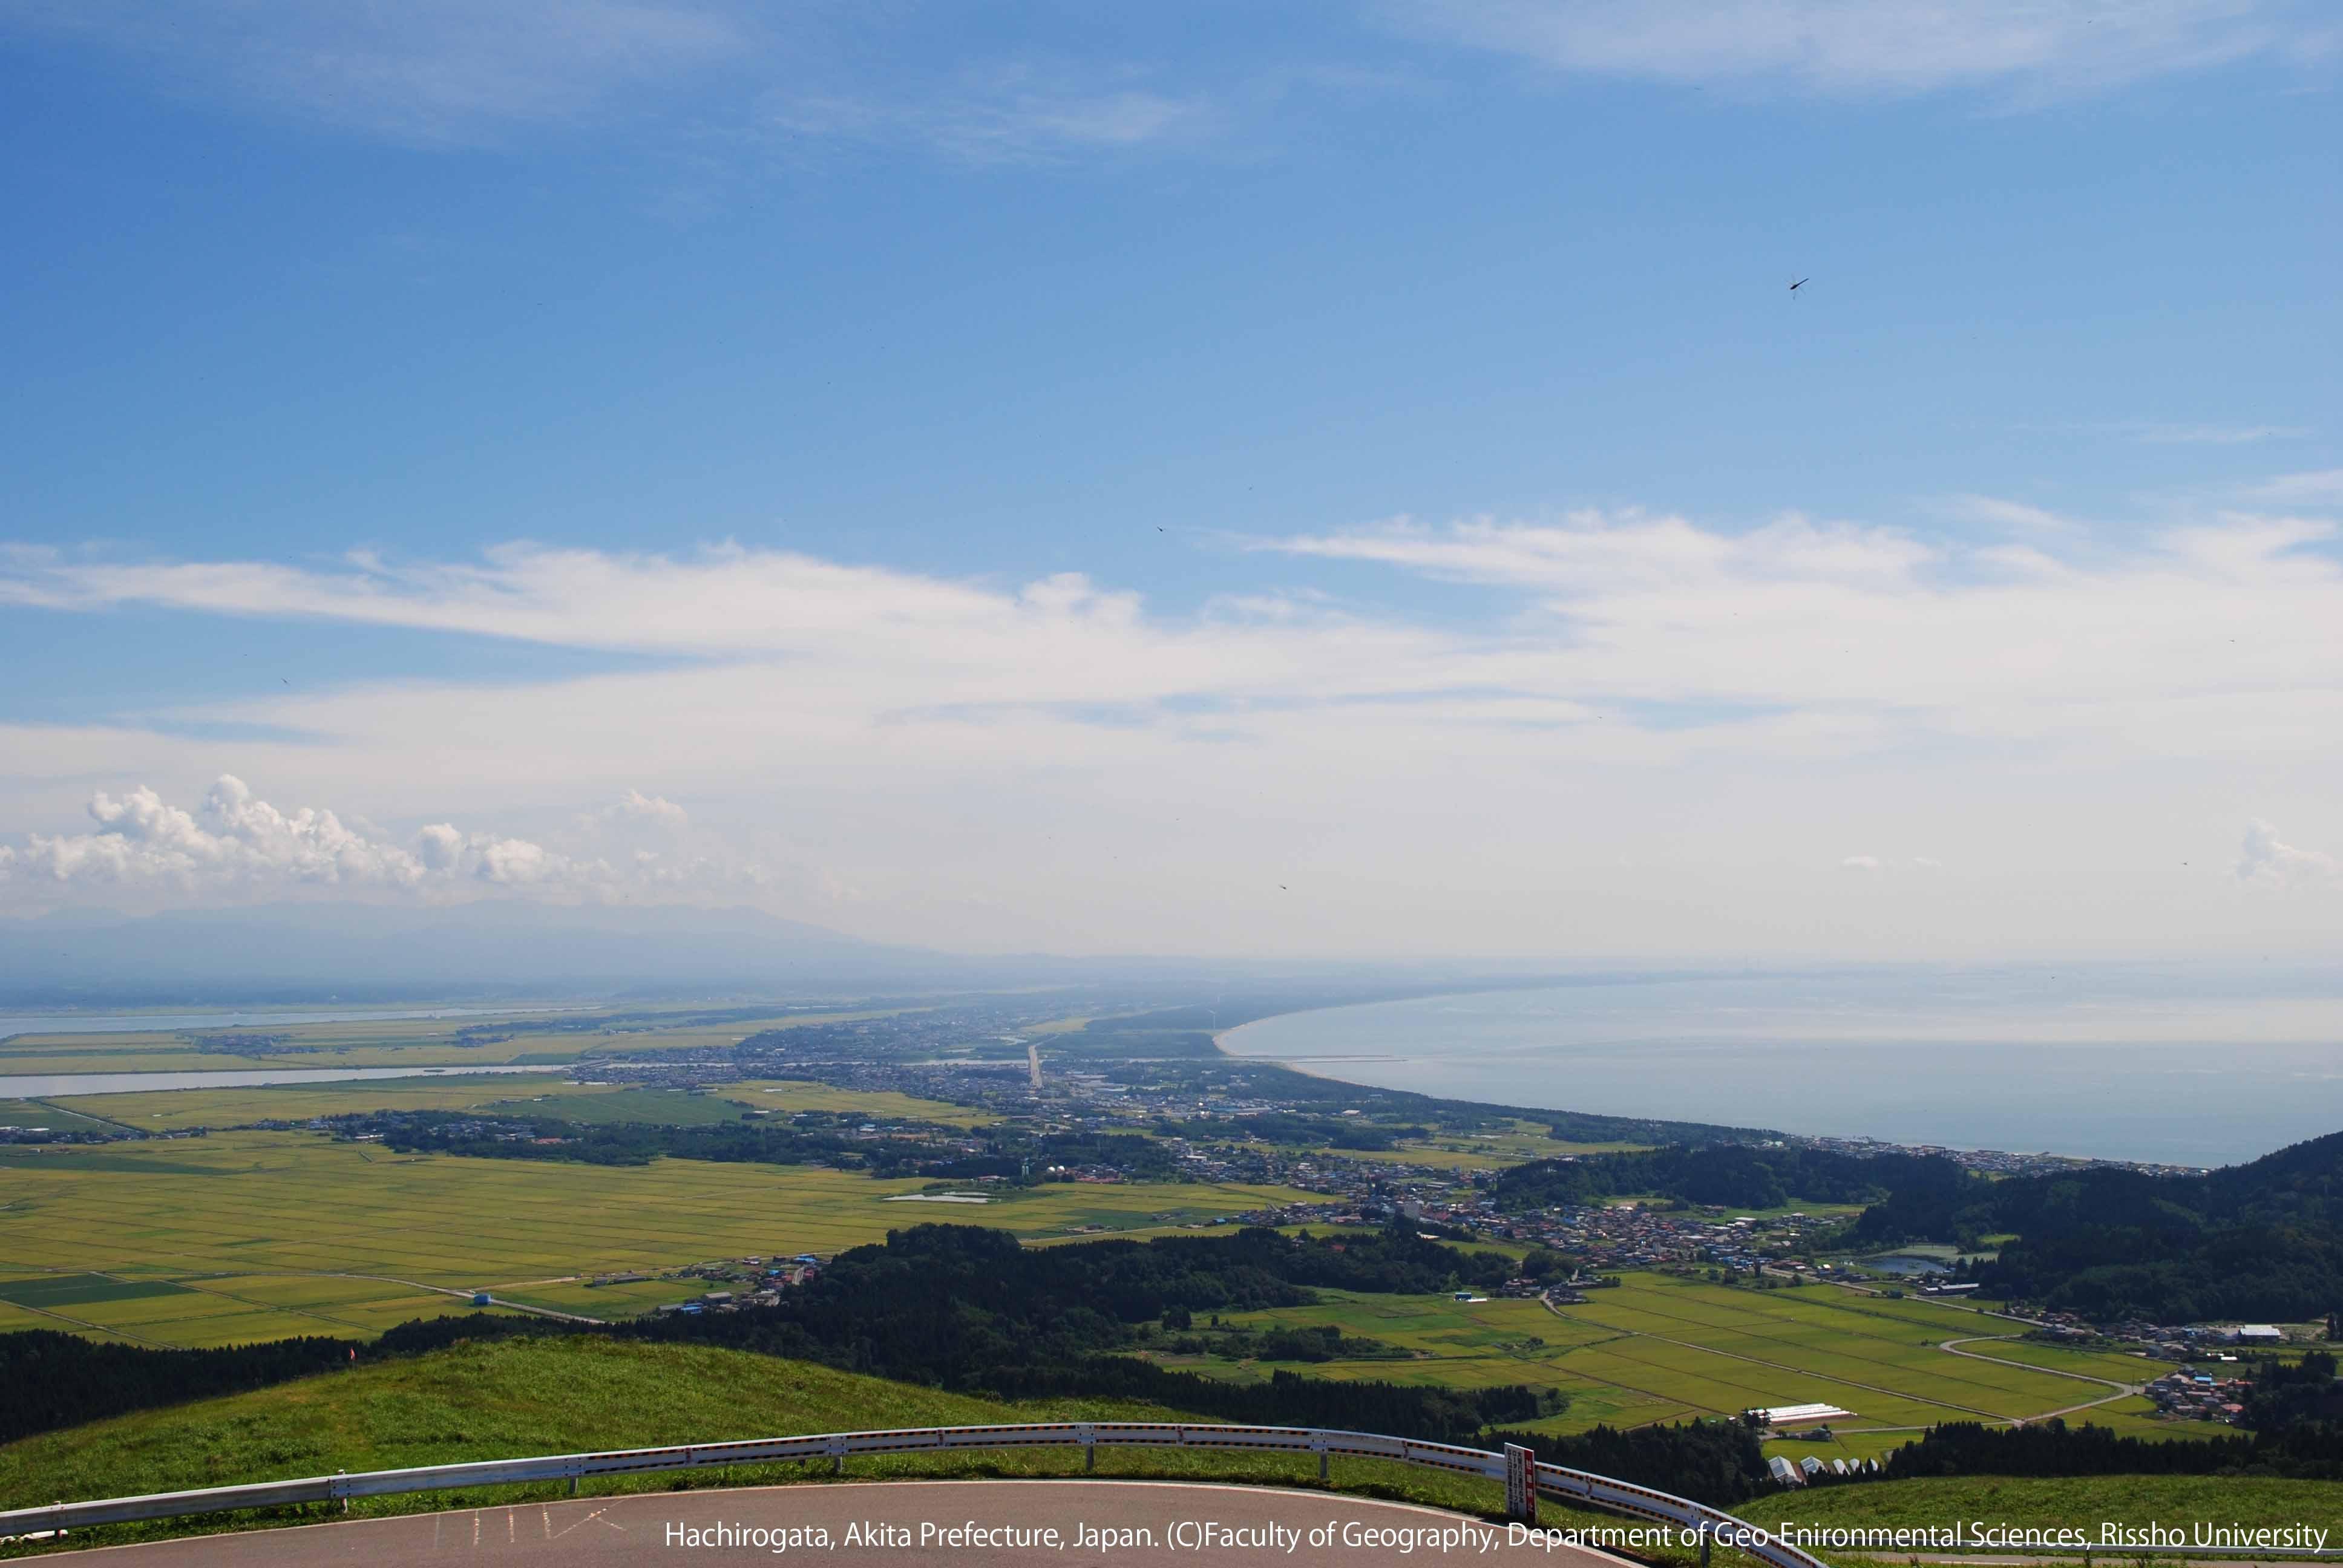 寒風山から眺める秋の八郎潟と海岸砂丘